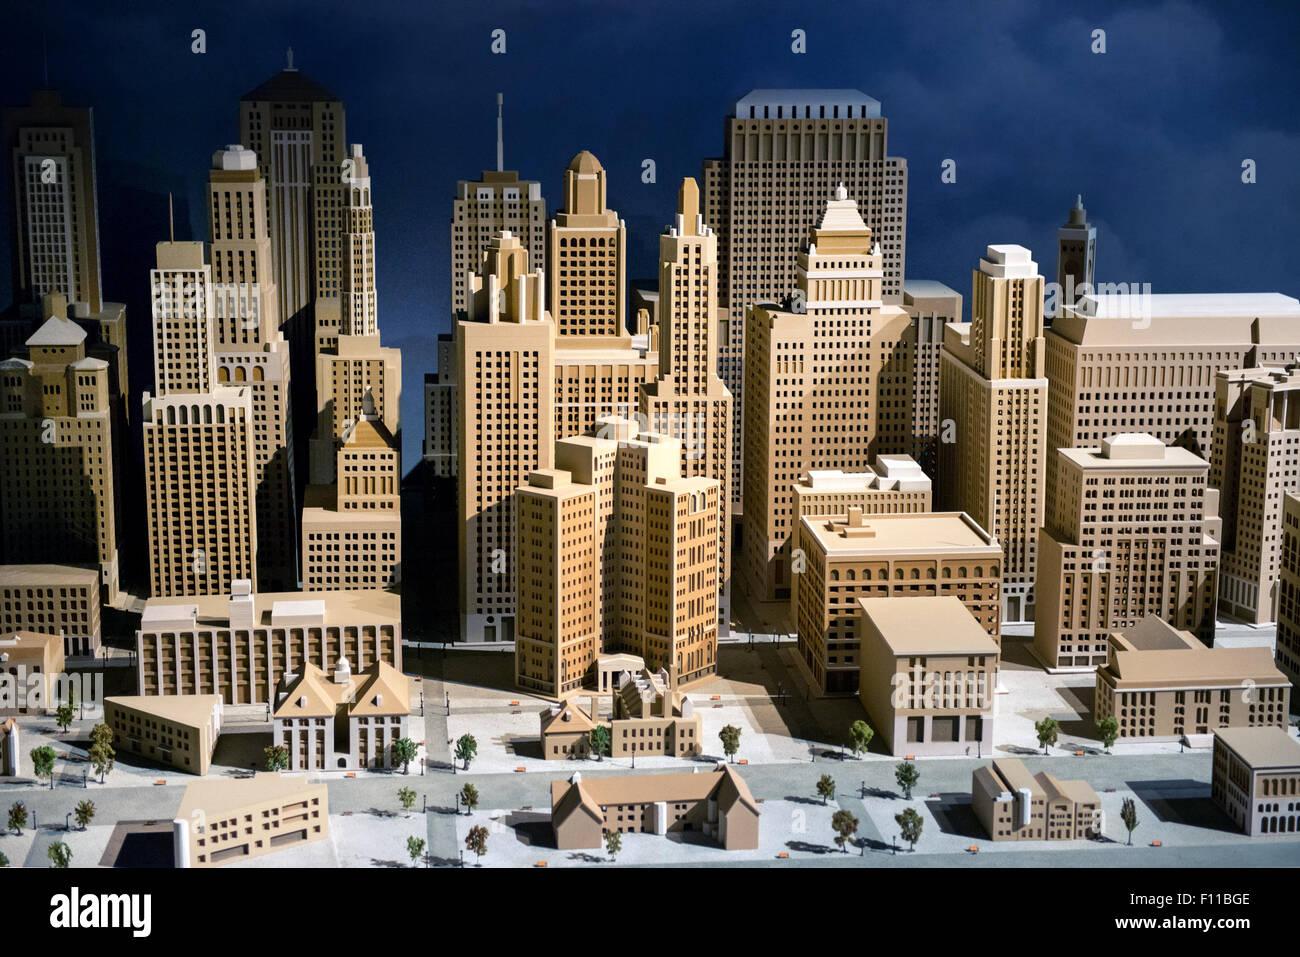 3D Modell einer Stadt zeigt der CBD mit modernen Wolkenkratzern und kommerziellen Hochhausarchitektur, Infrastruktur Stockbild